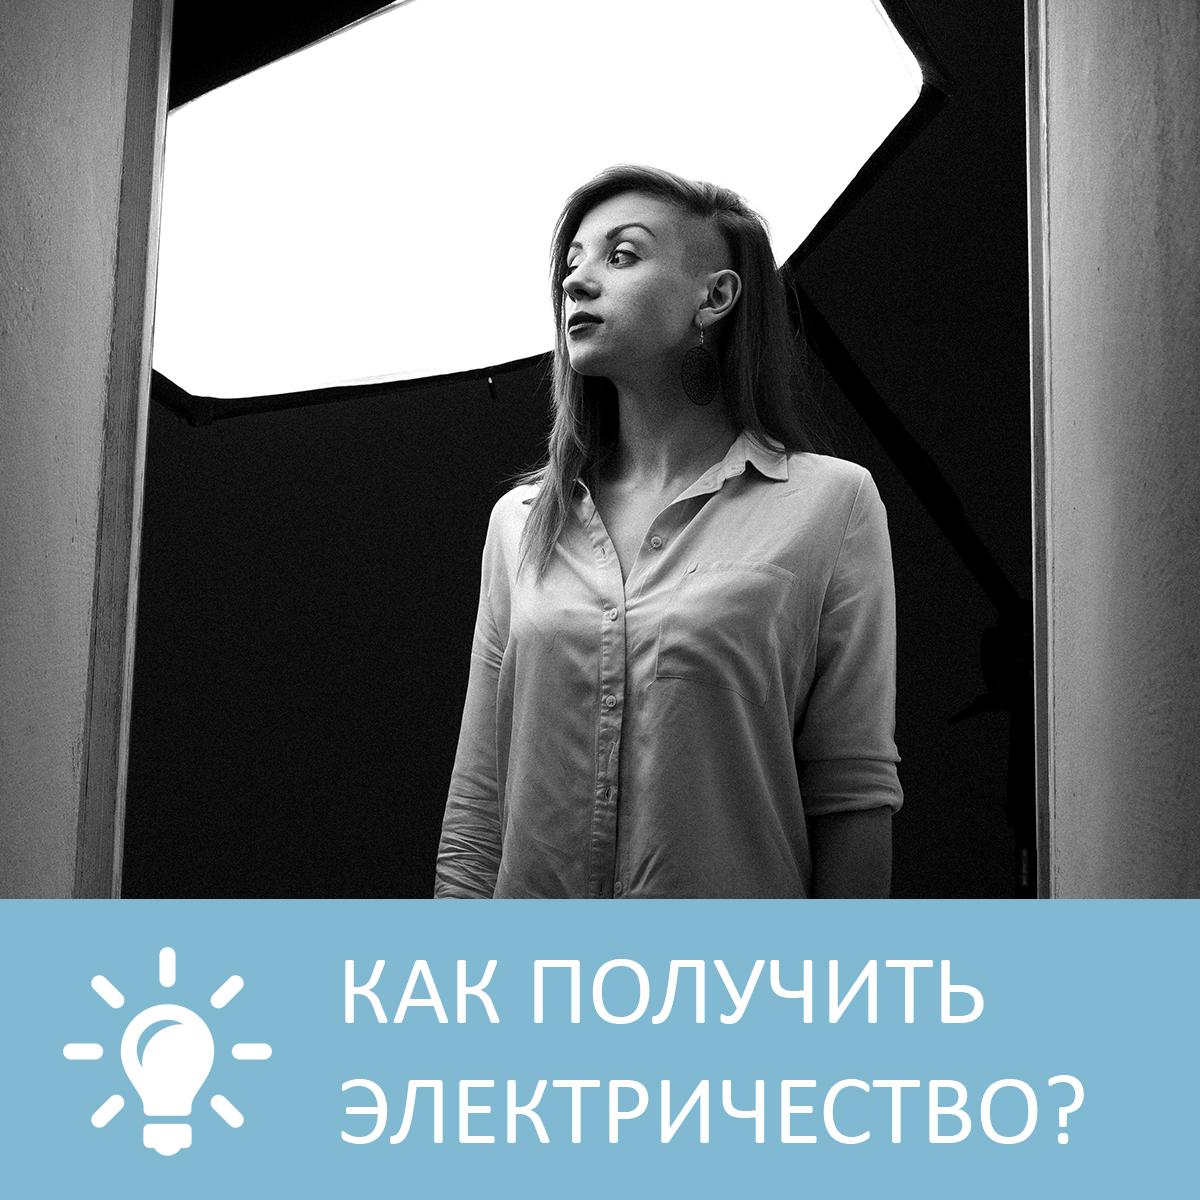 цена на Петровна Как получить электричество